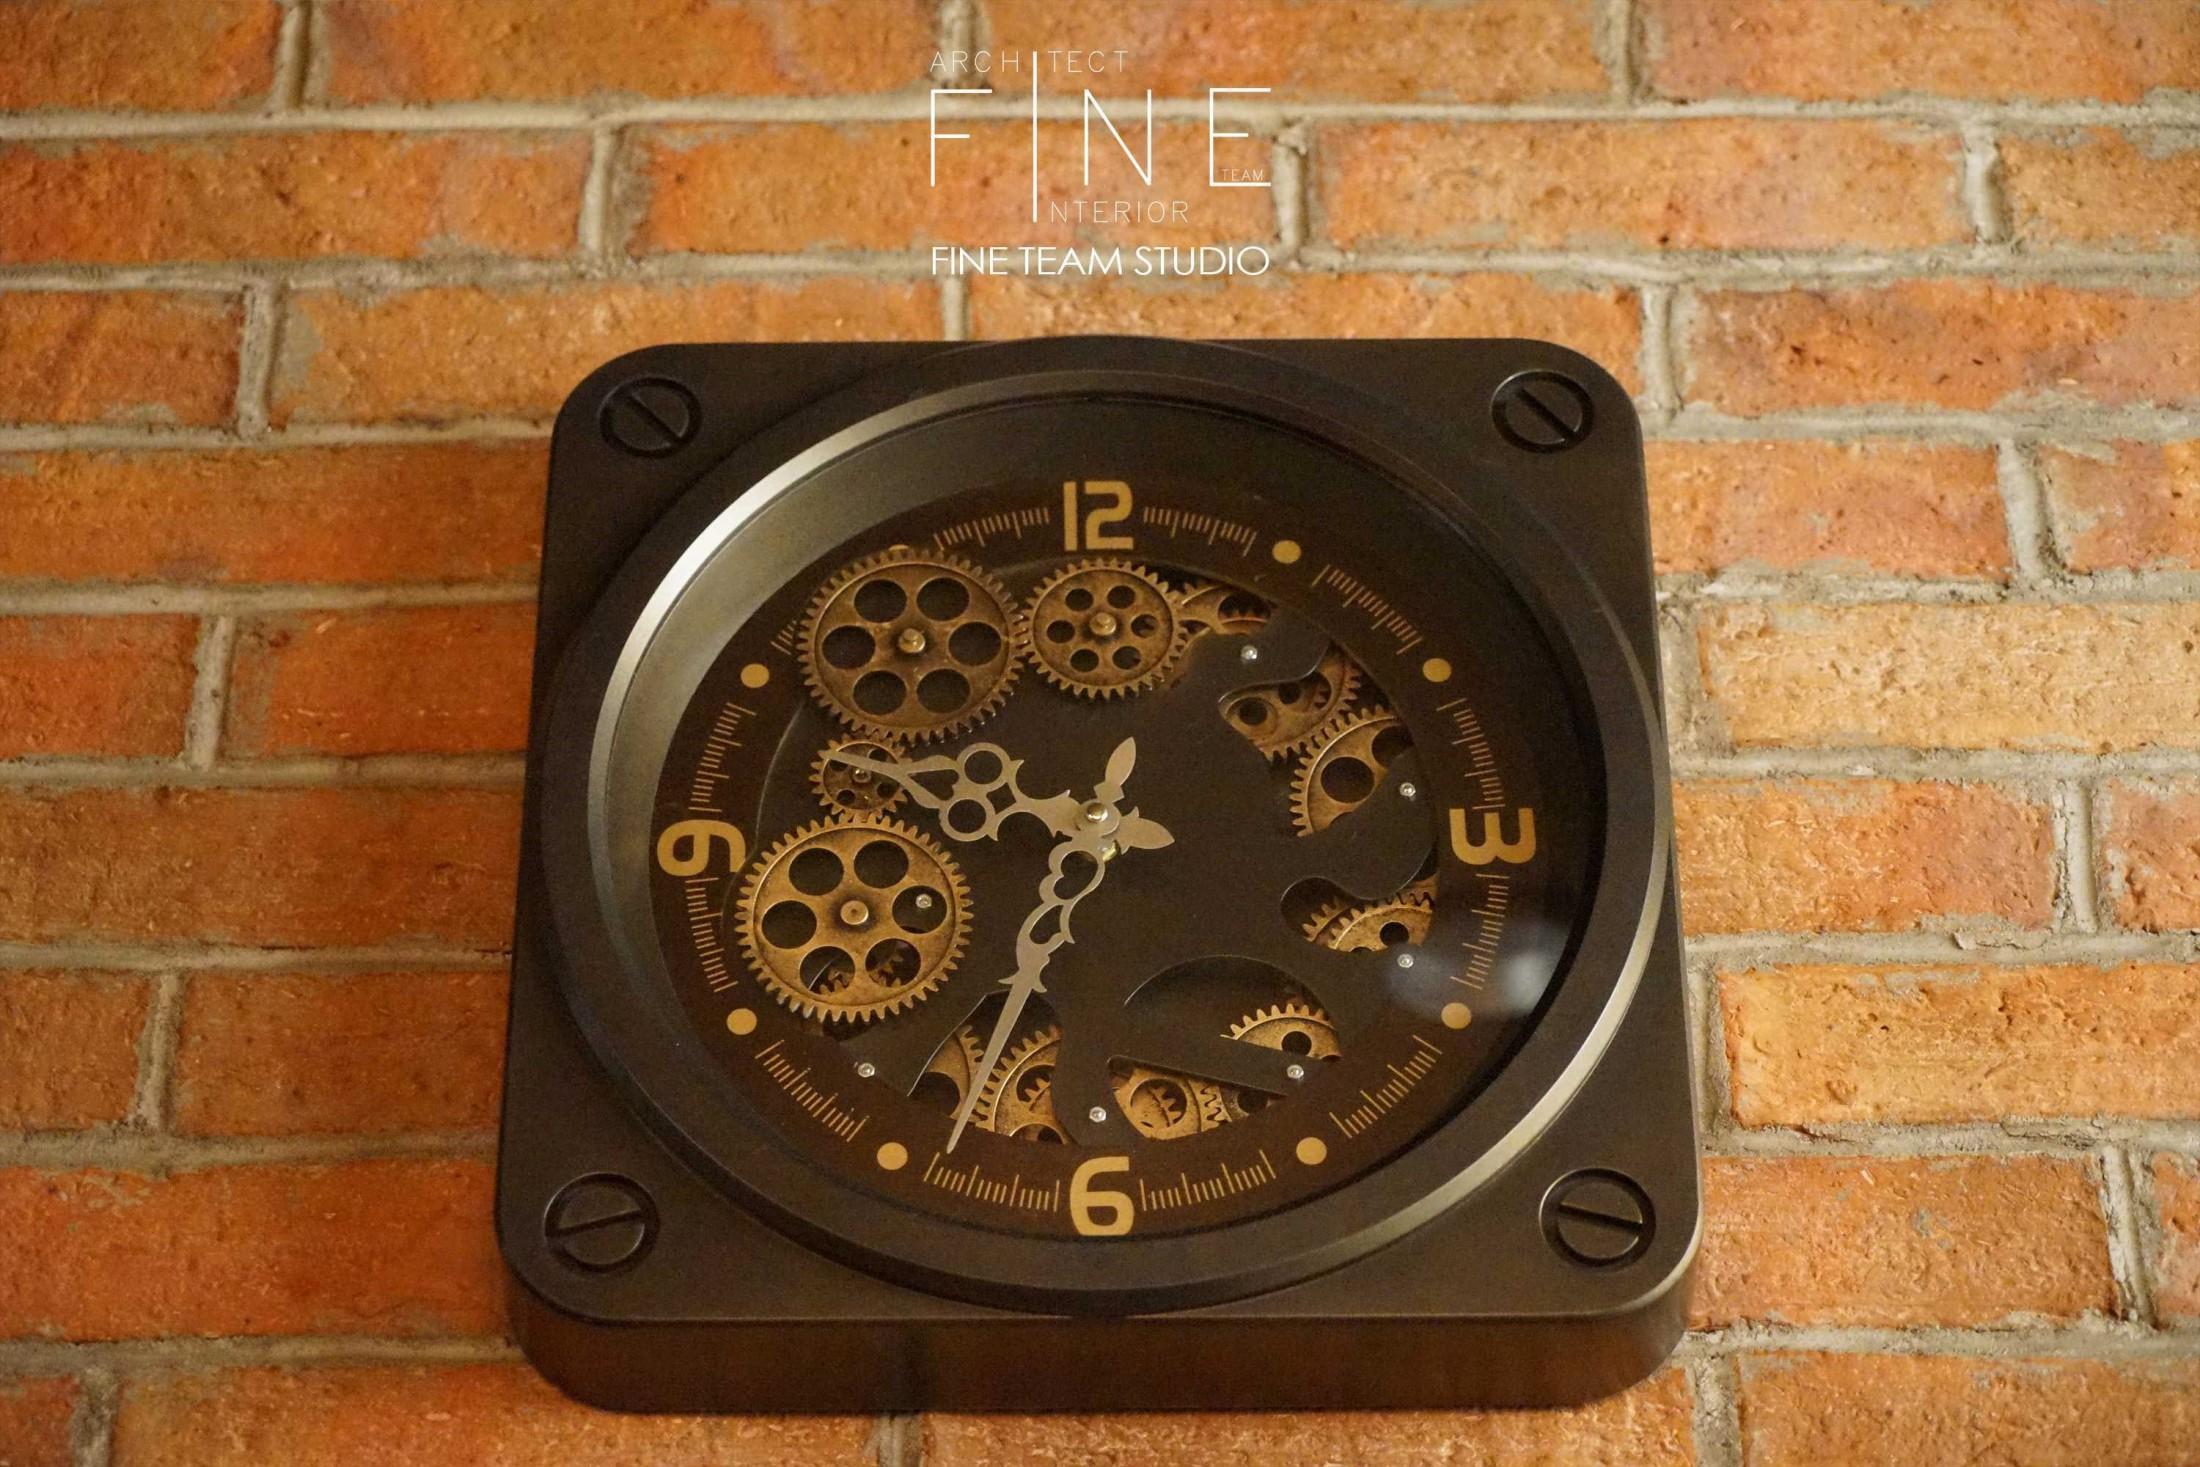 Sebenarnya konsep desain industrial sederhana, jujur dalam mengolah dan menonjolkan material dan karakternya. Konsep ini terlihat jelas pada jam dinding yang tidak hanya berfungsi sebagai penunjuk waktu, namun menjadi elemen estetika yang unik dari kejujurannya mengekspos mesin penggeraknya.